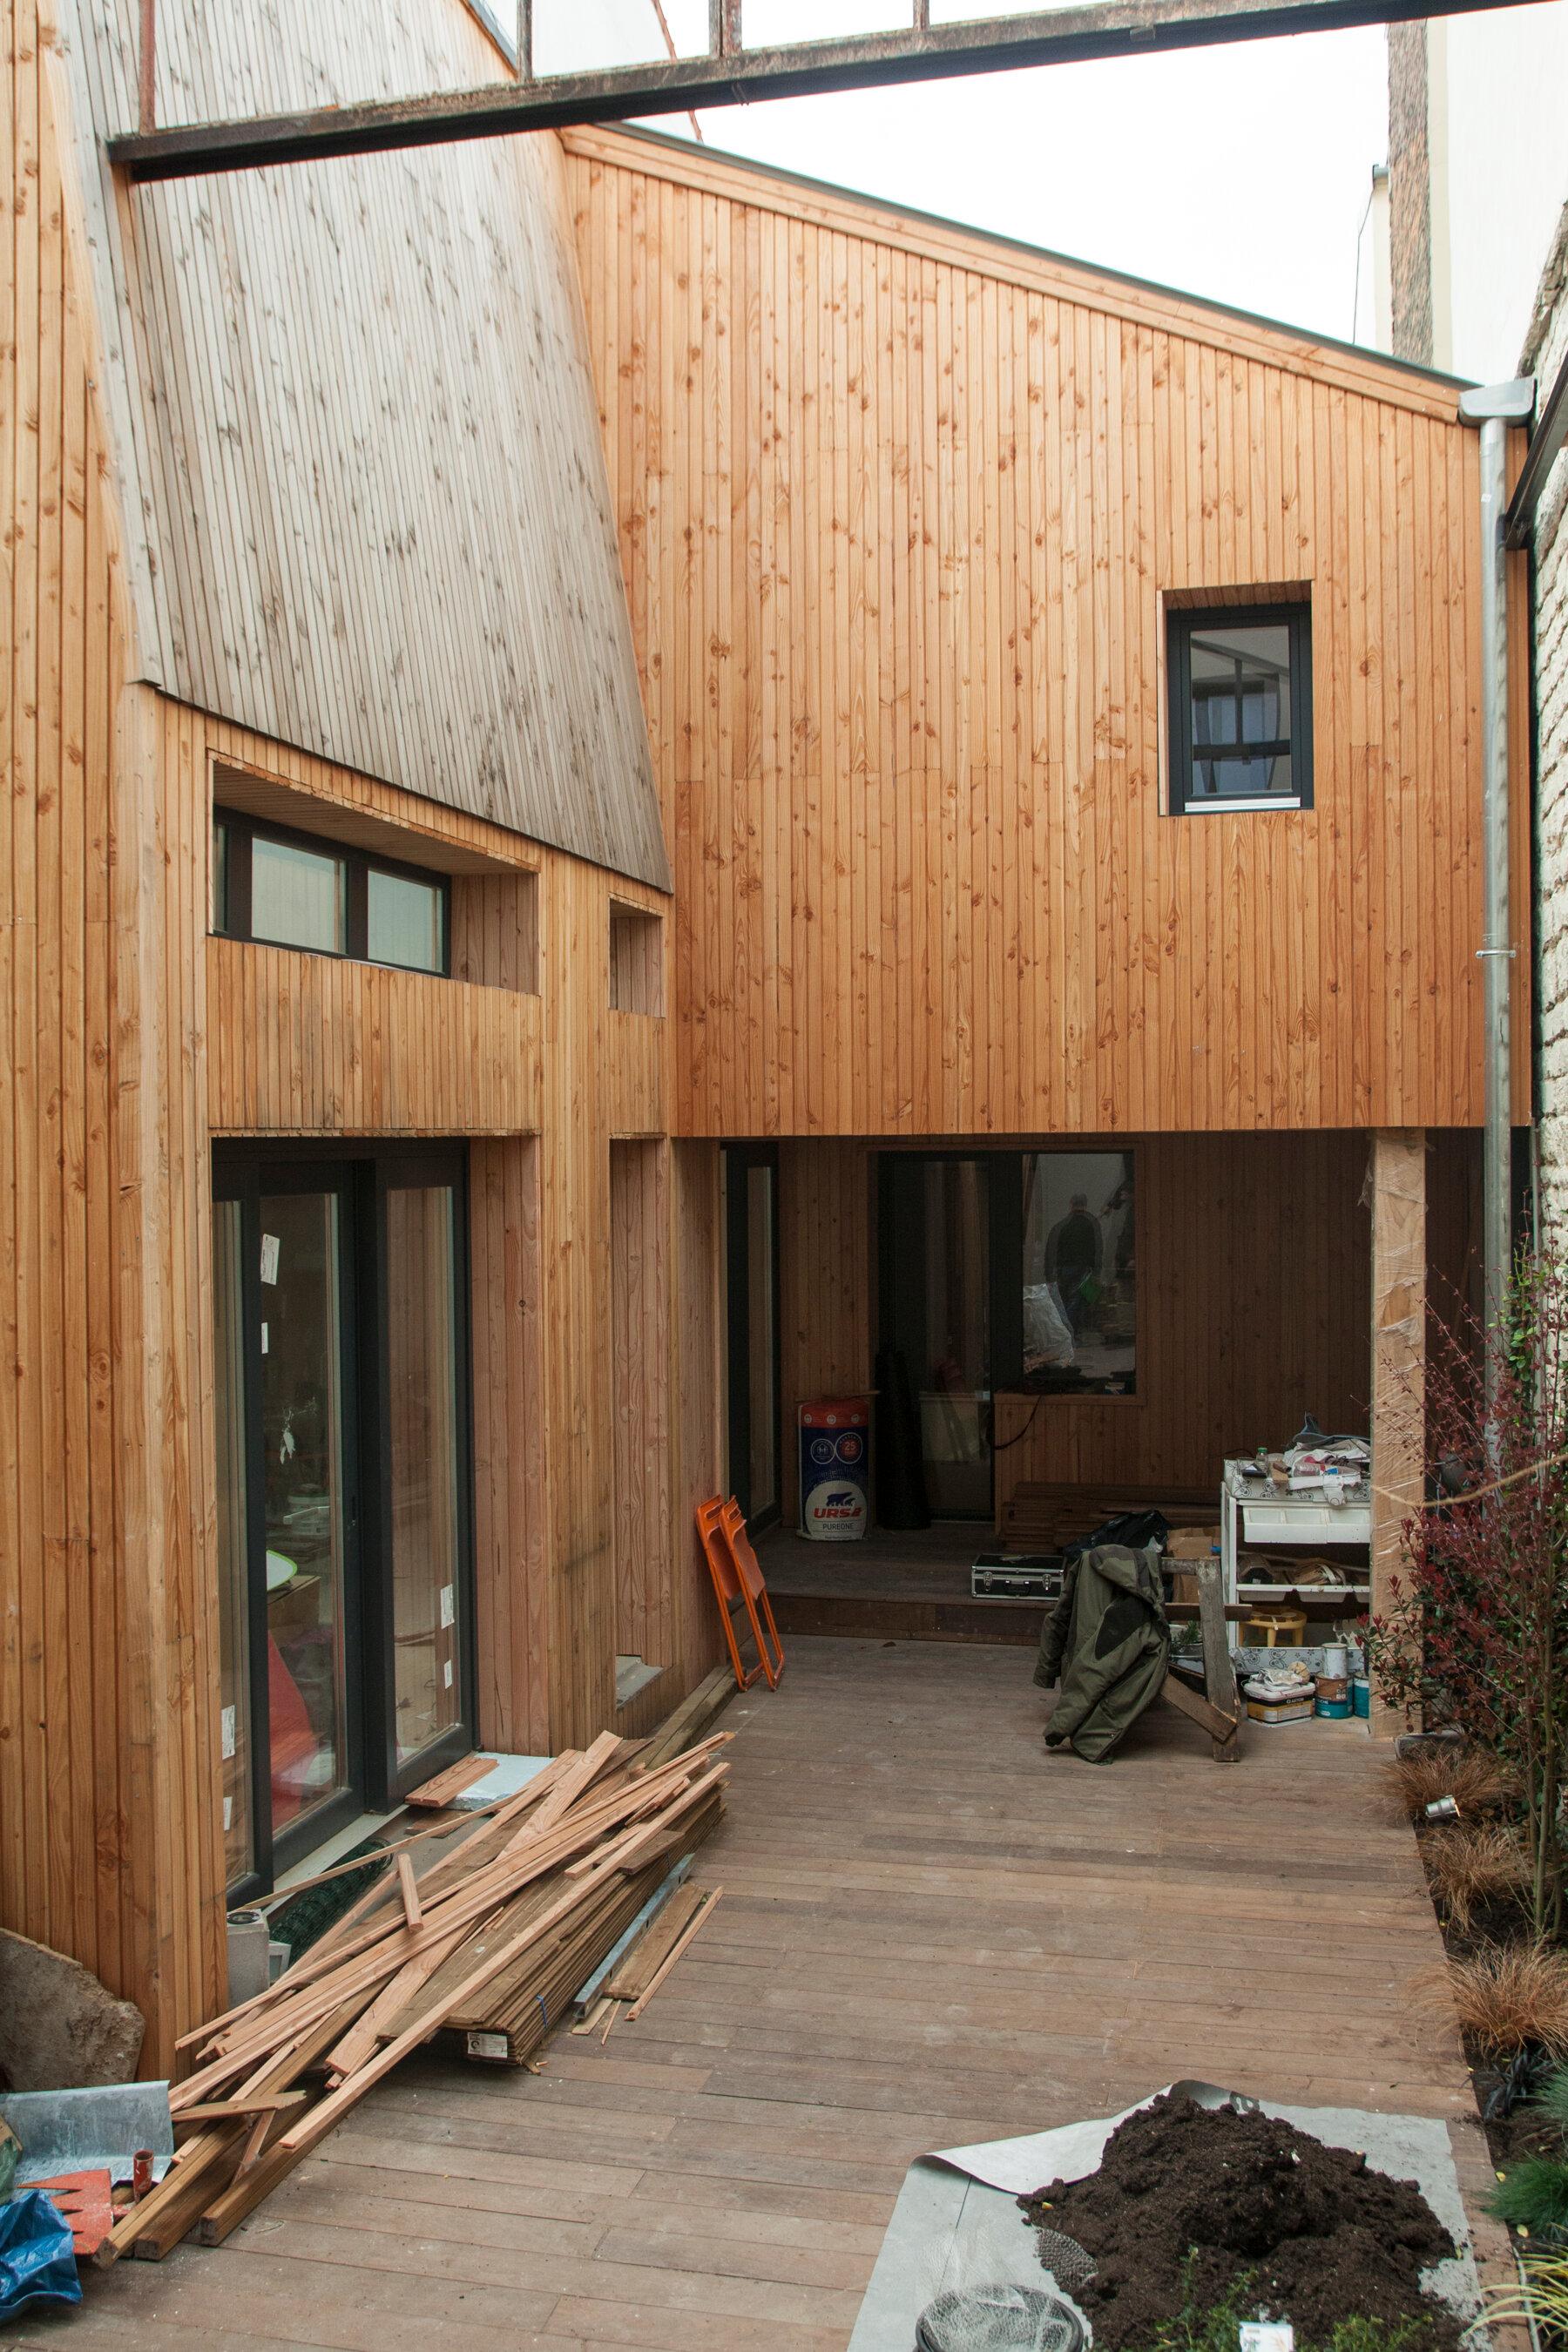 Transformation d'un édifice industriel en habitation